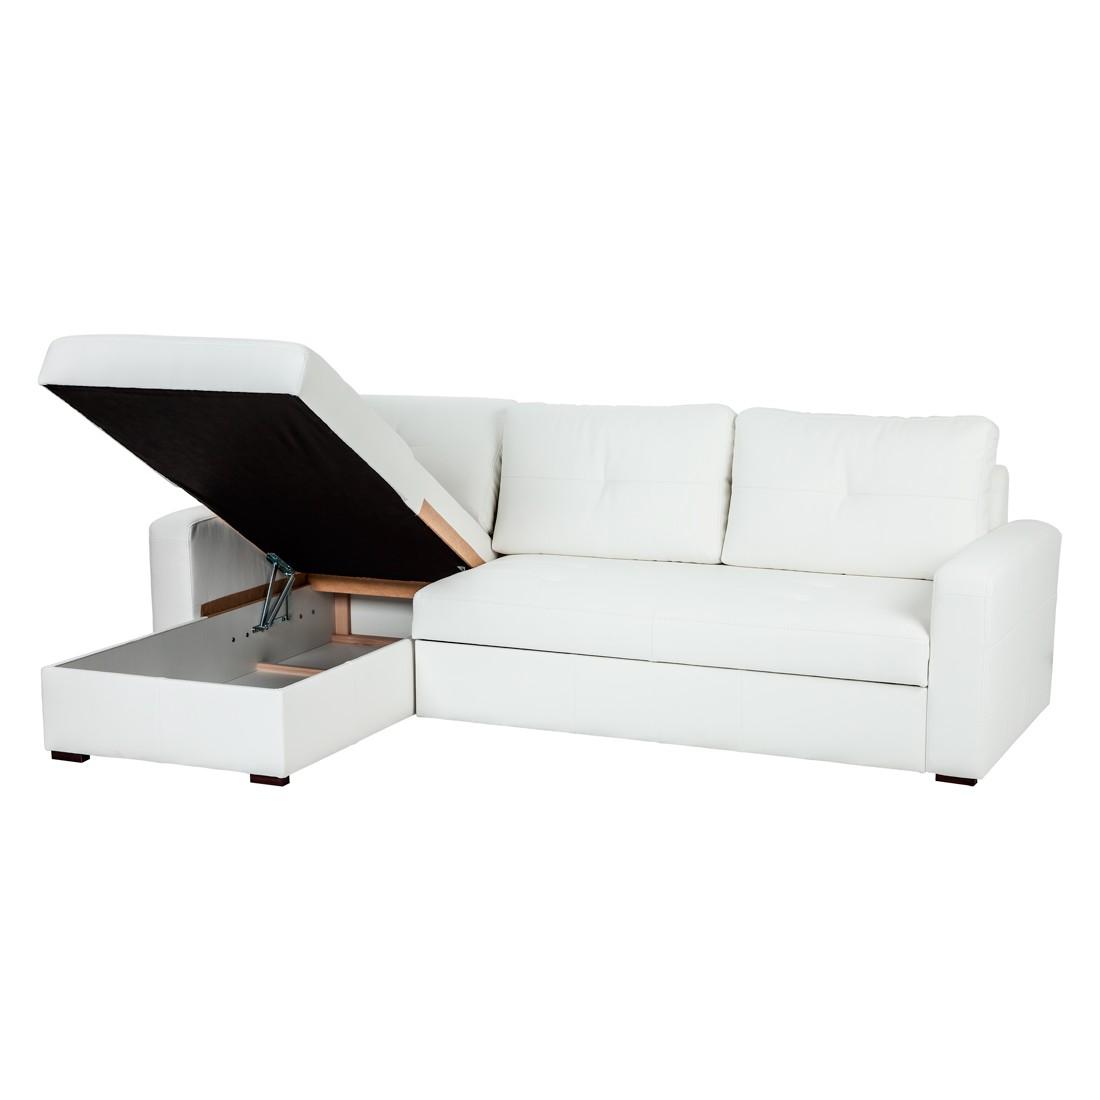 Jetzt Bei Home24 Sofa Mit Schlaffunktion Von Nuovoform Home24